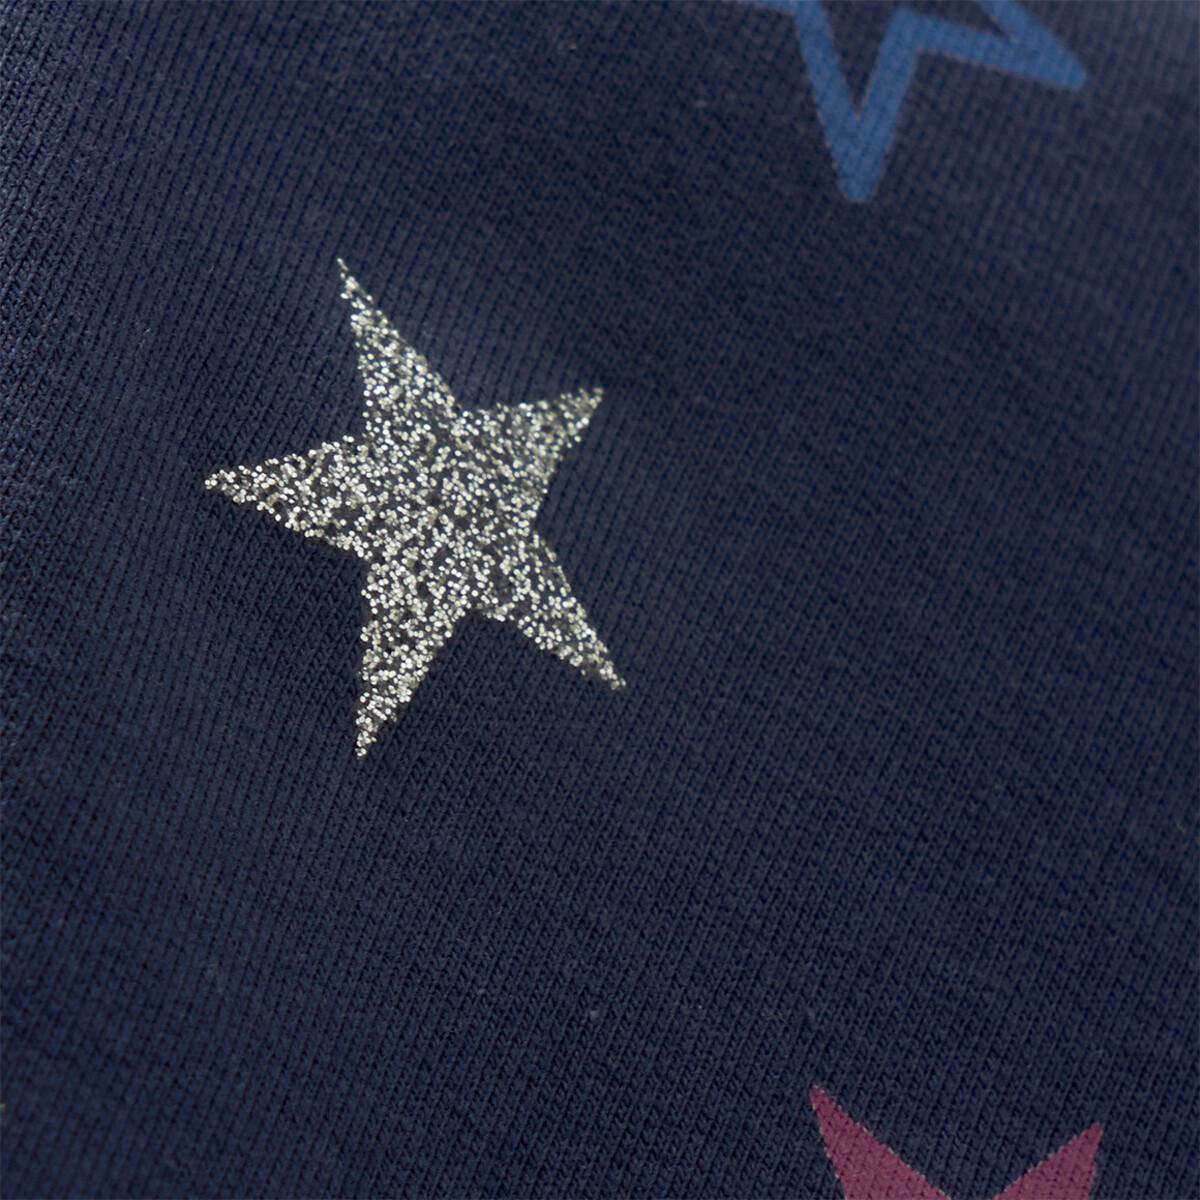 Bild 5 von Baby Sweatleggings mit Sternchen-Print